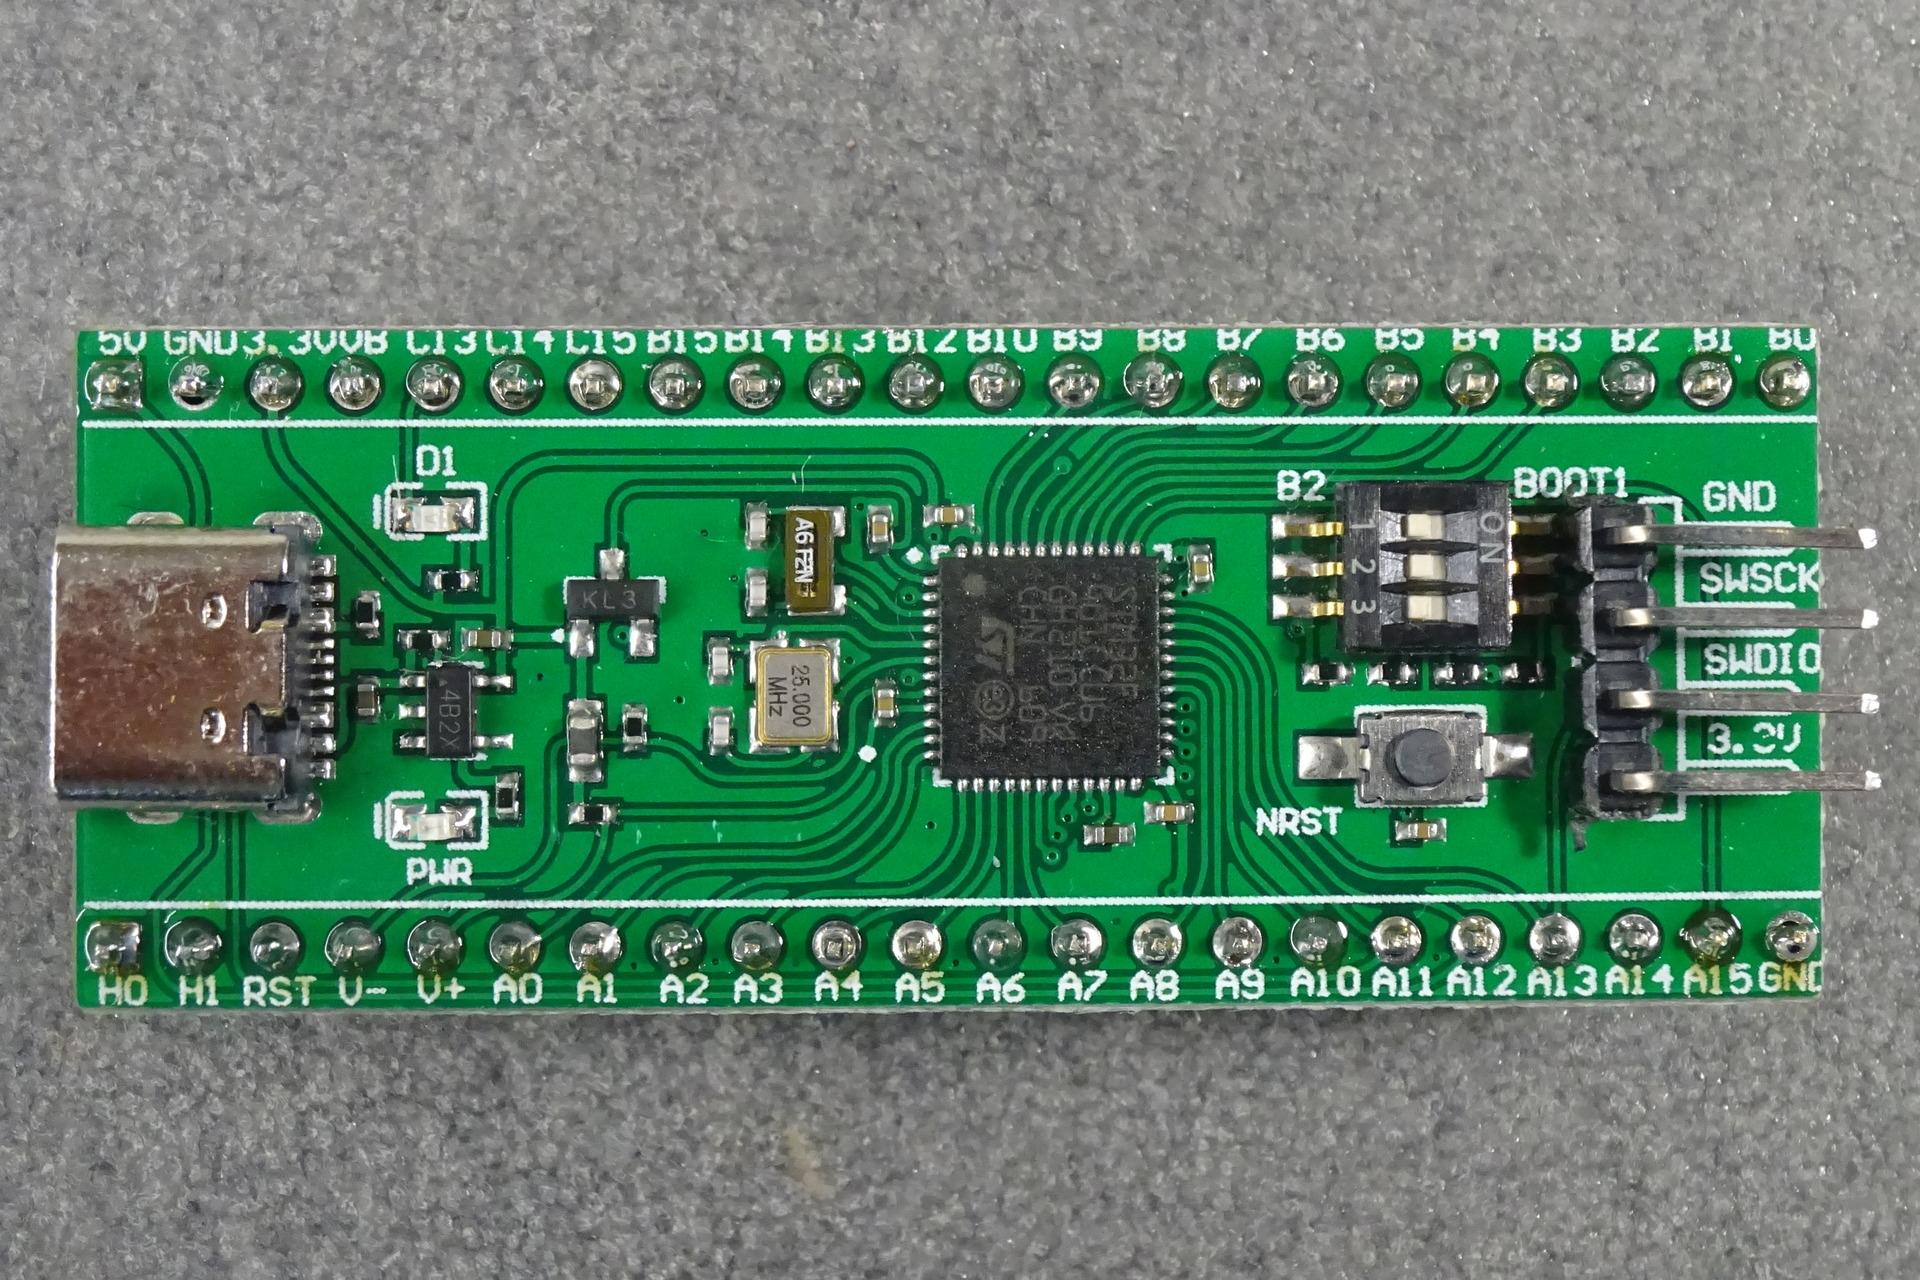 STM32 Mini F401: Top view